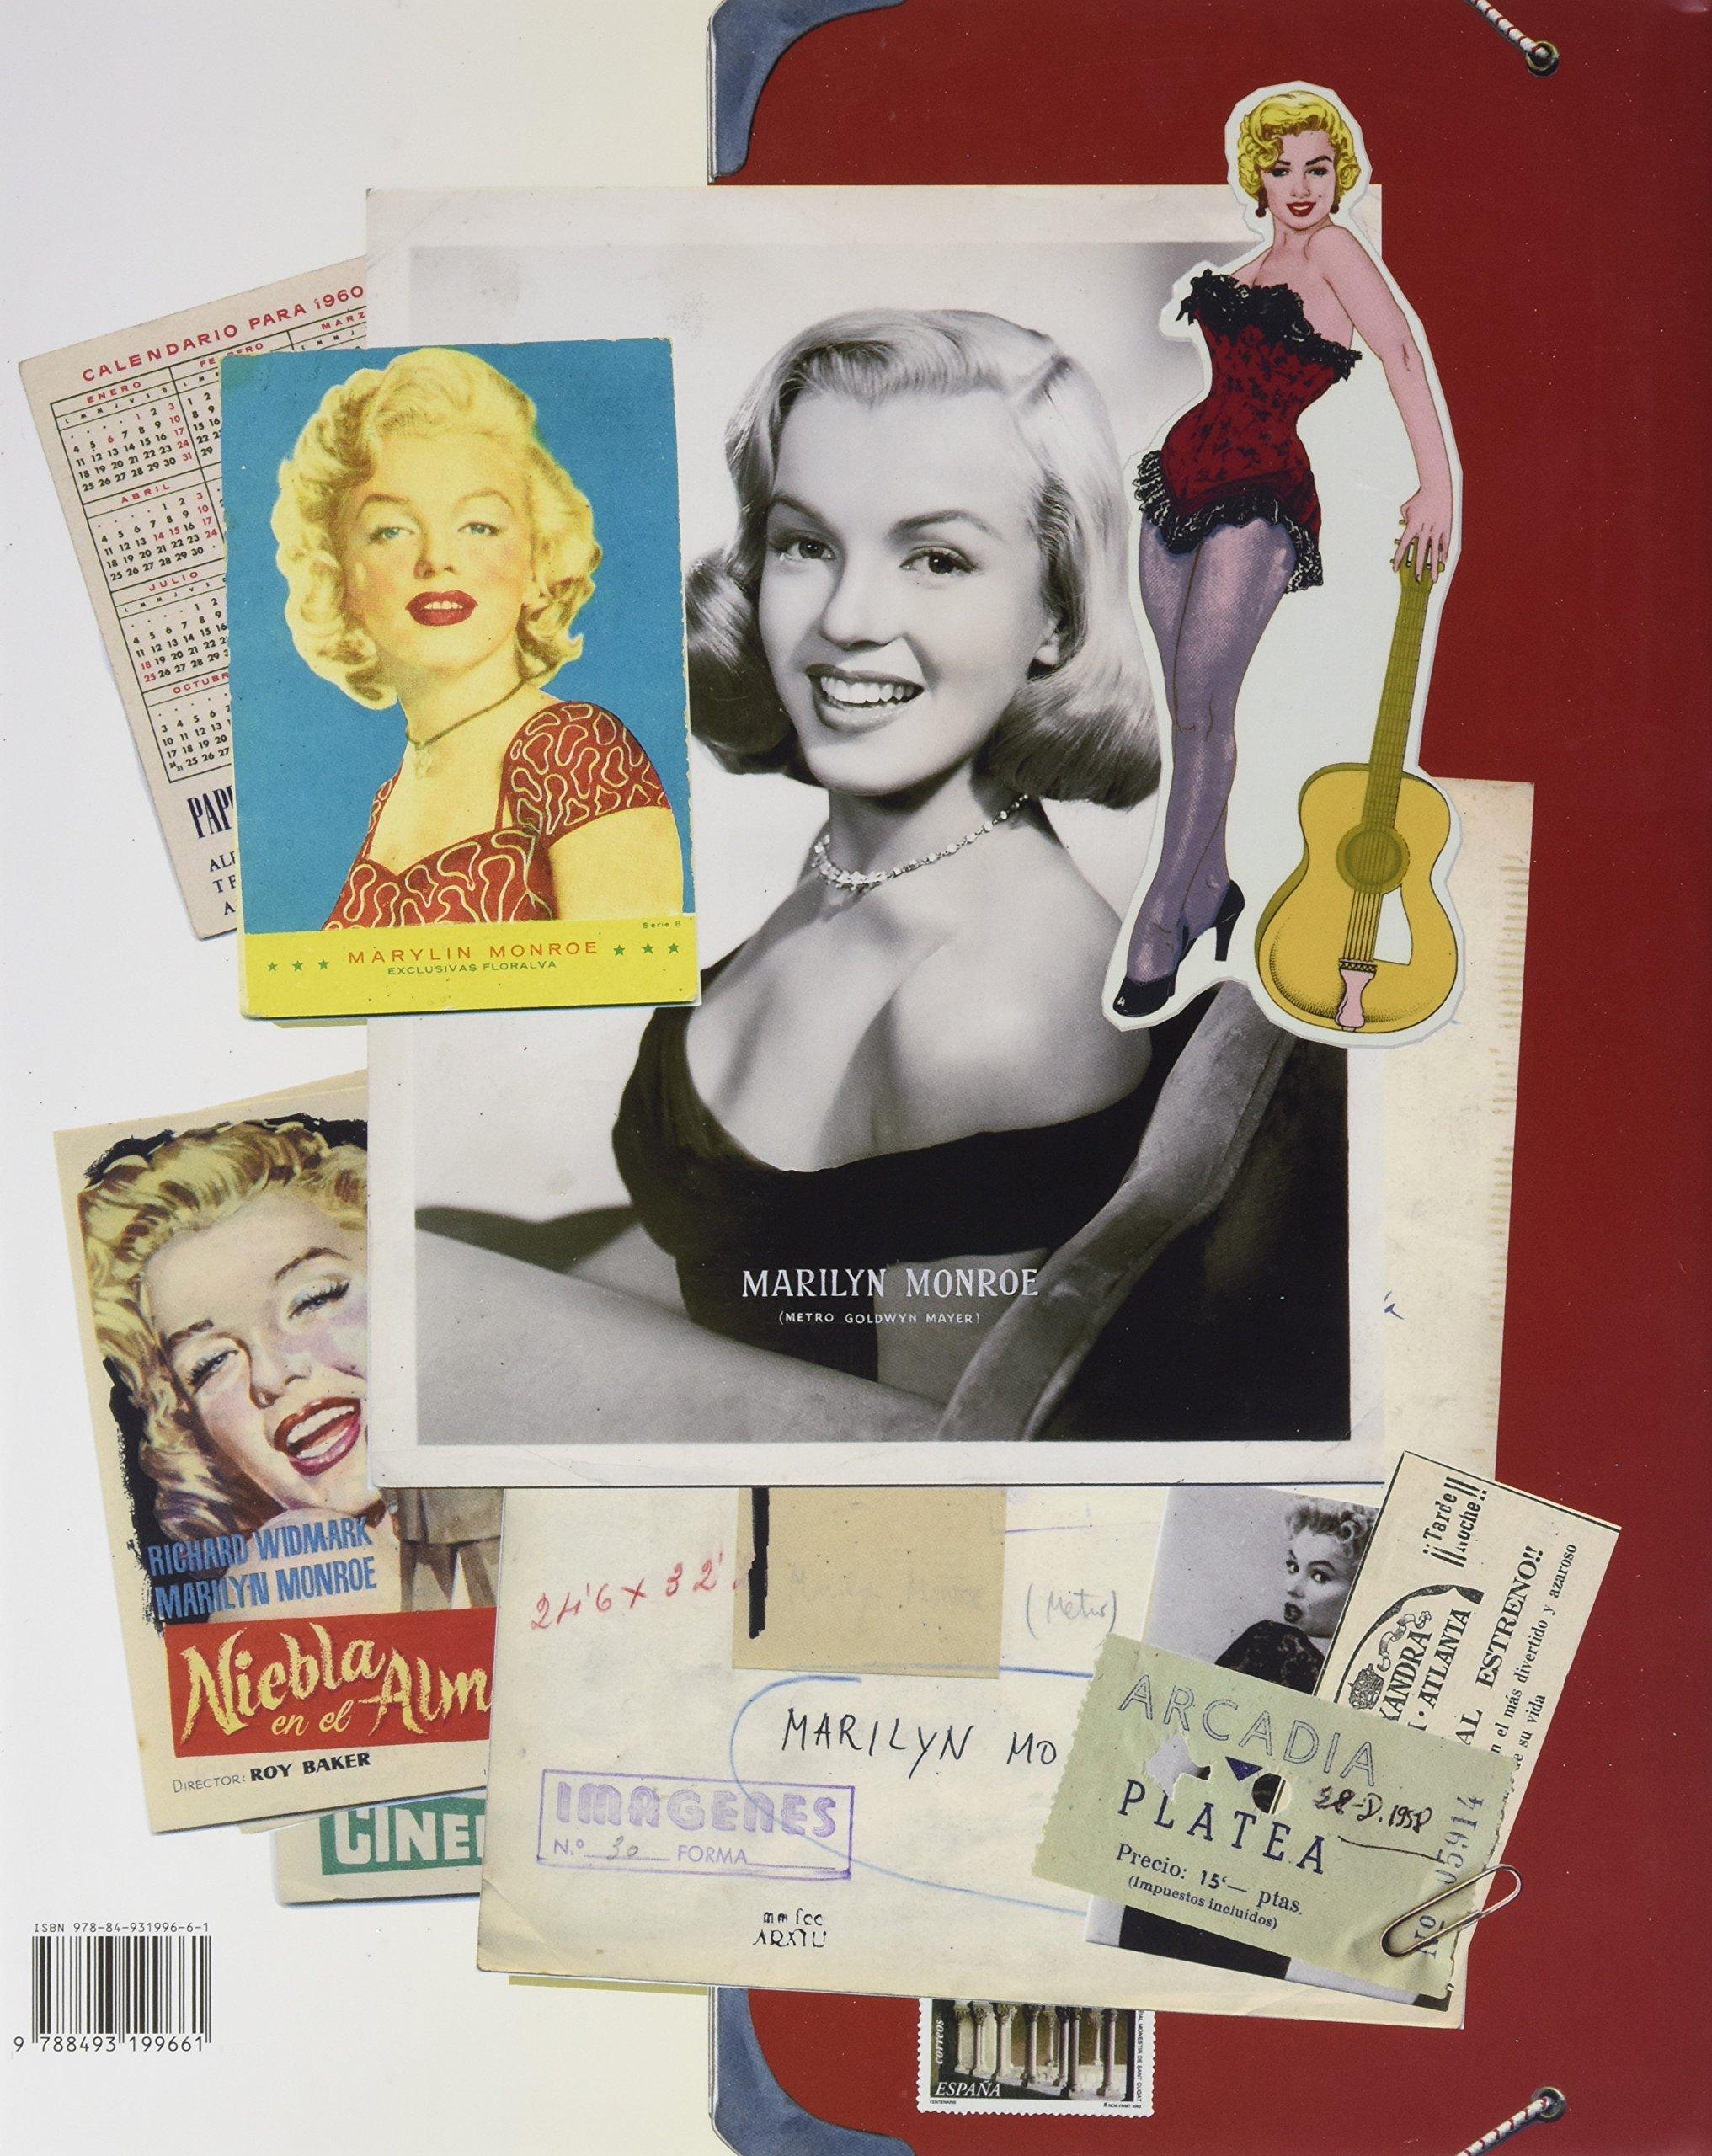 Marilyn Monroe en España : vida y documentos: Amazon.es: Frederic Cabanas: Libros